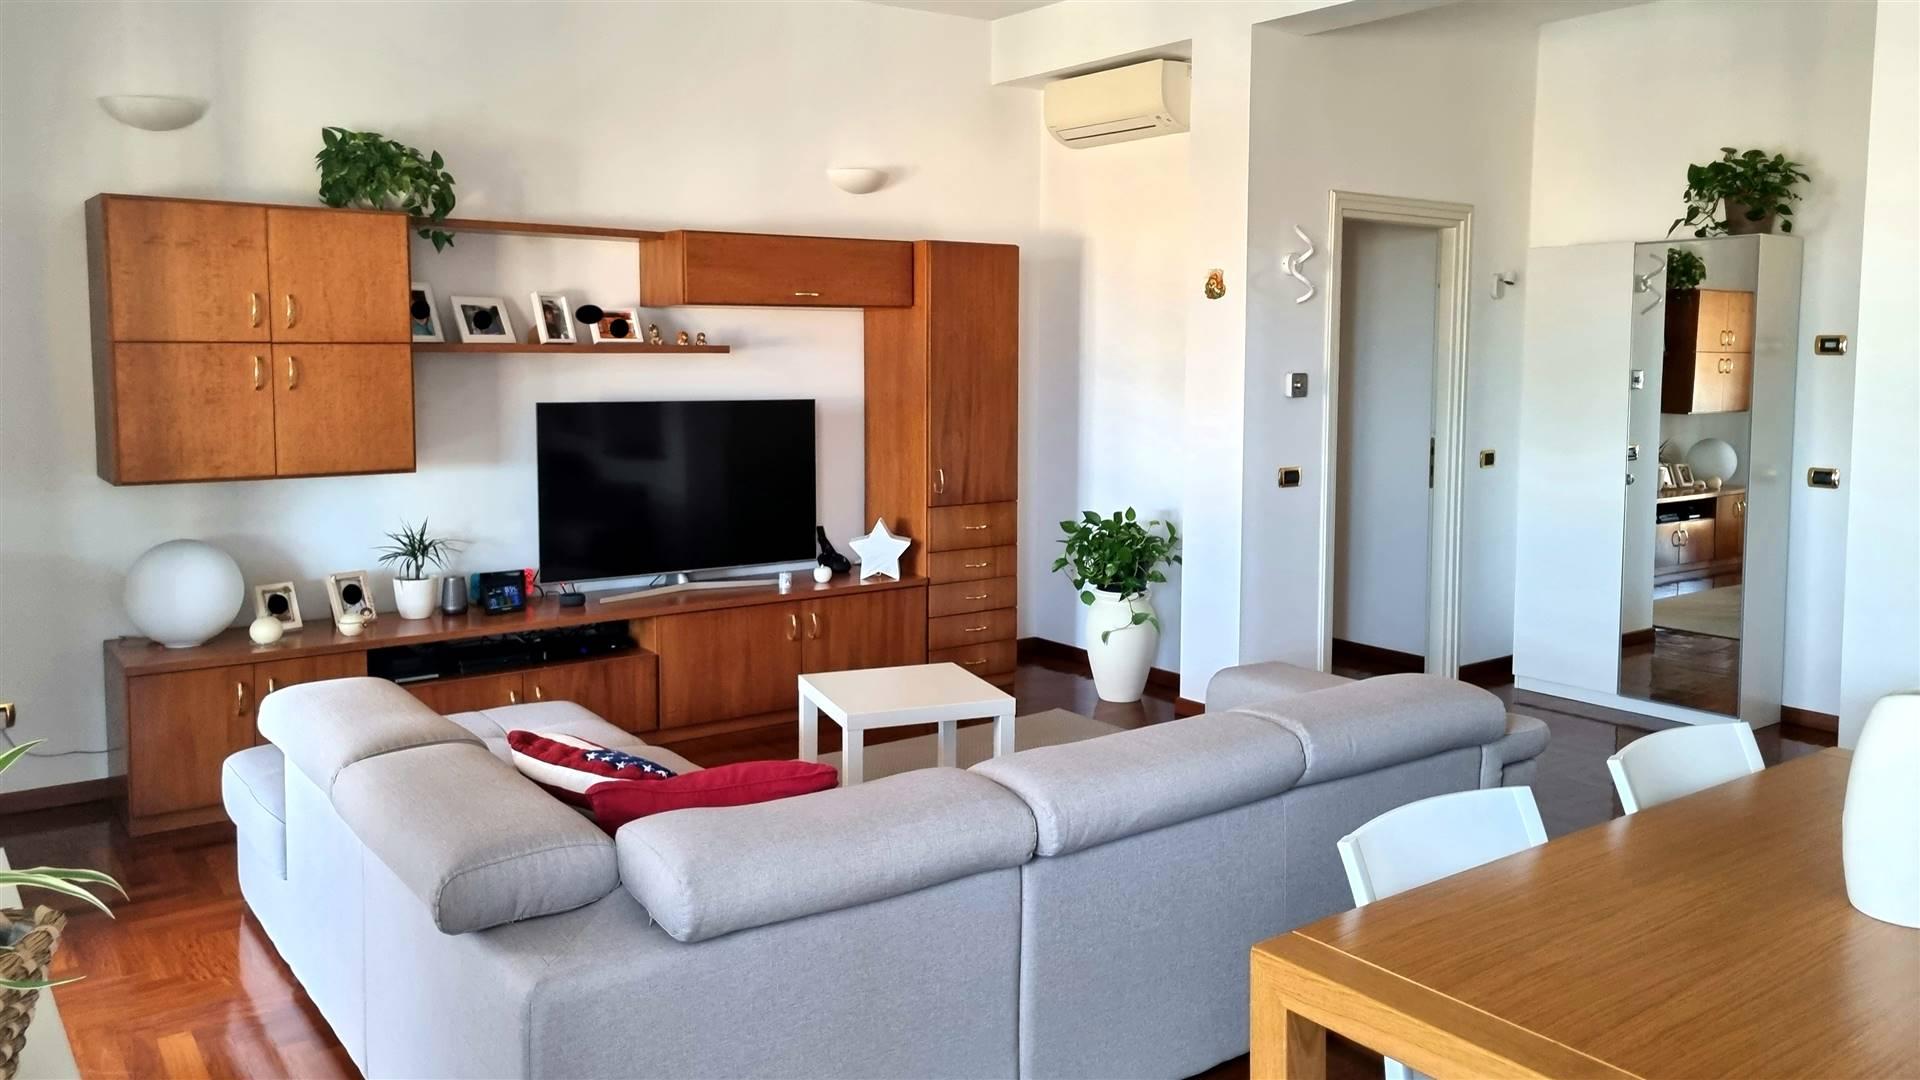 Appartamento in vendita a Casalpusterlengo, 6 locali, prezzo € 155.000   CambioCasa.it